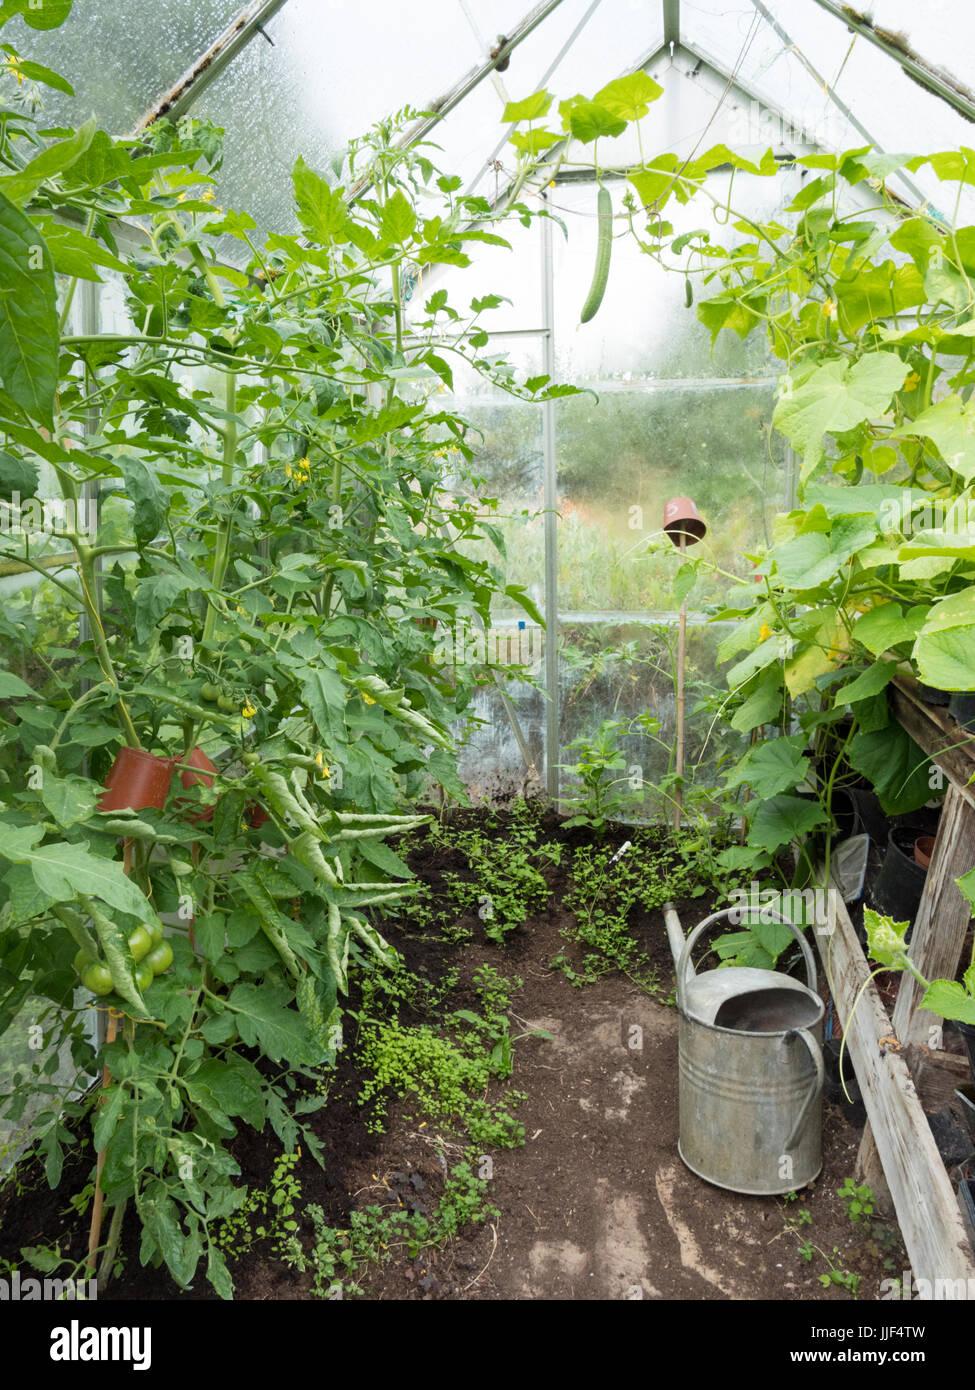 Gurken Und Tomaten Pflanzen Wachsen In Einem Inlandischen Oder Zu